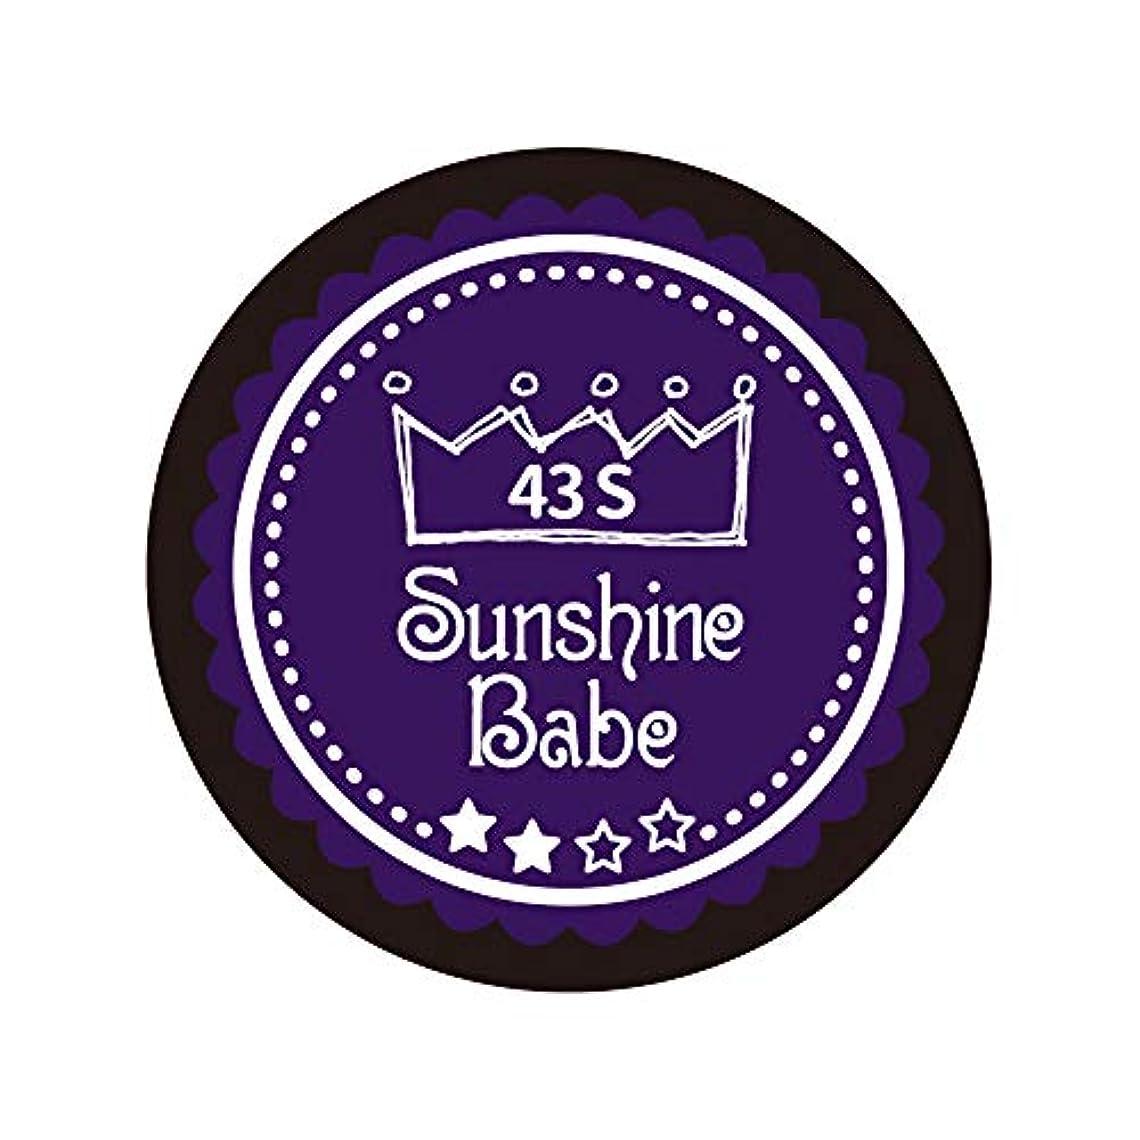 センチメートル尊敬偏心Sunshine Babe カラージェル 43S オータムウルトラバイオレット 4g UV/LED対応